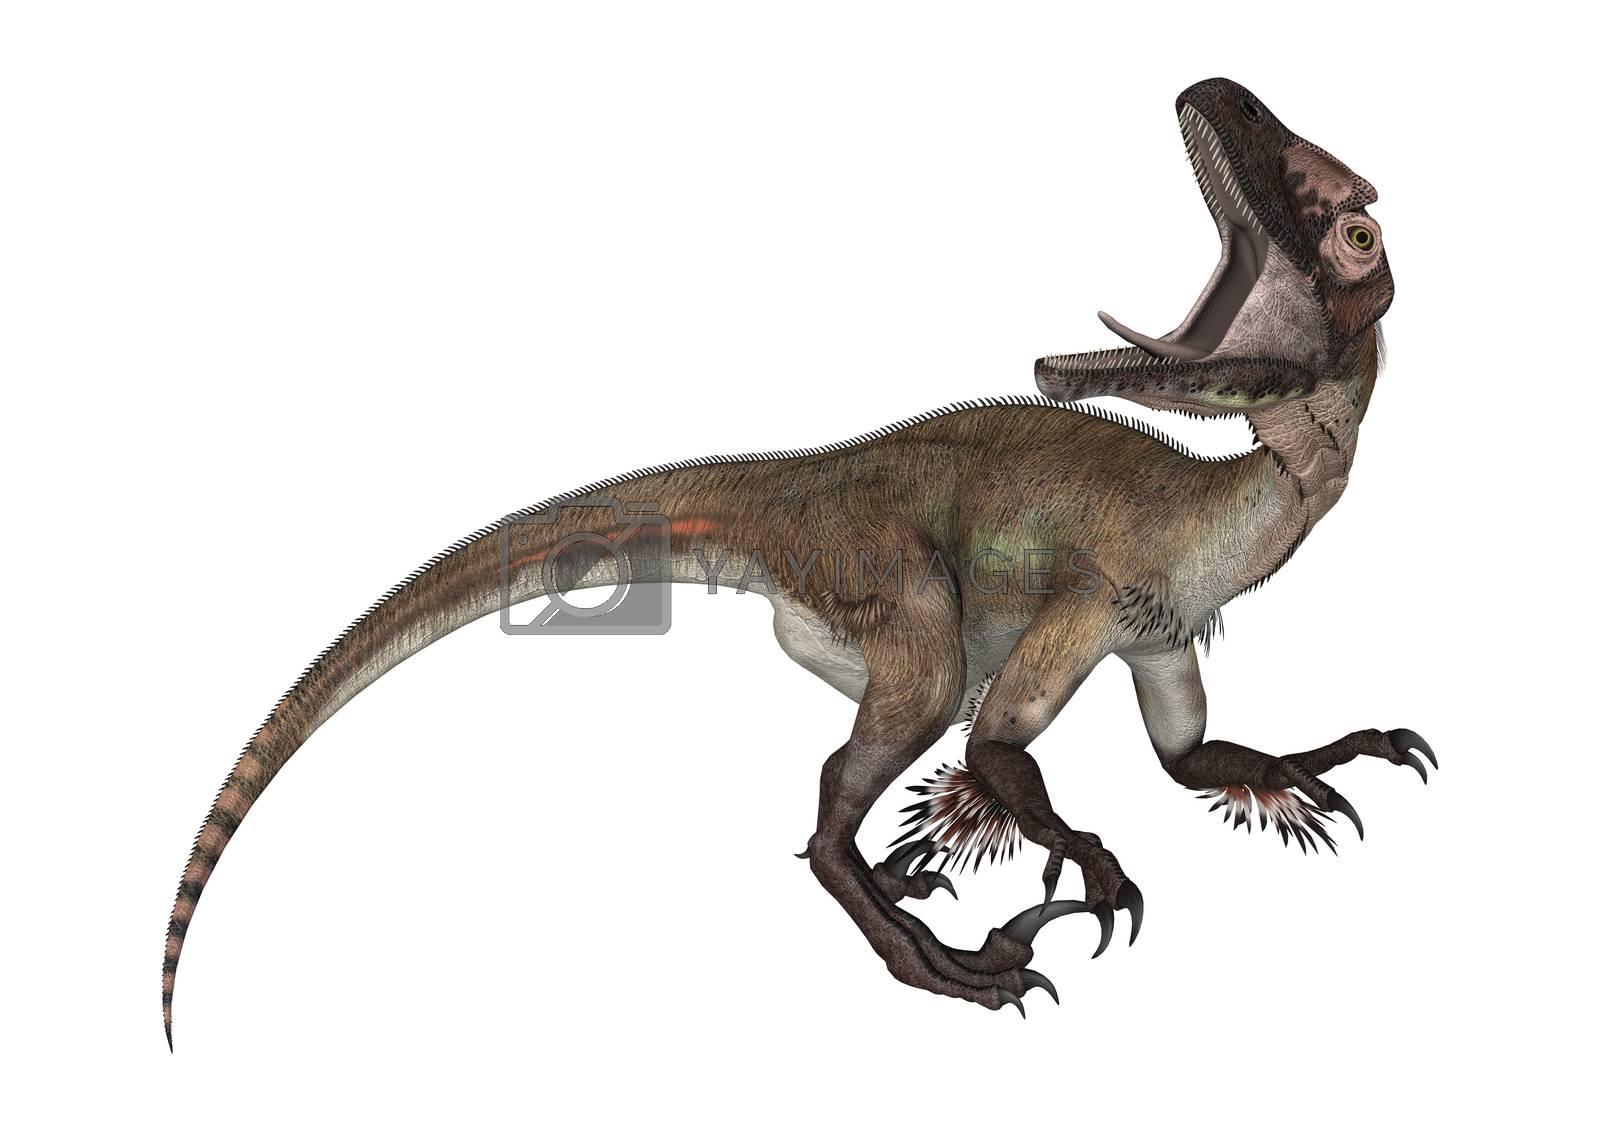 3D digital render of a dinosaur utahraptor isolated on white background